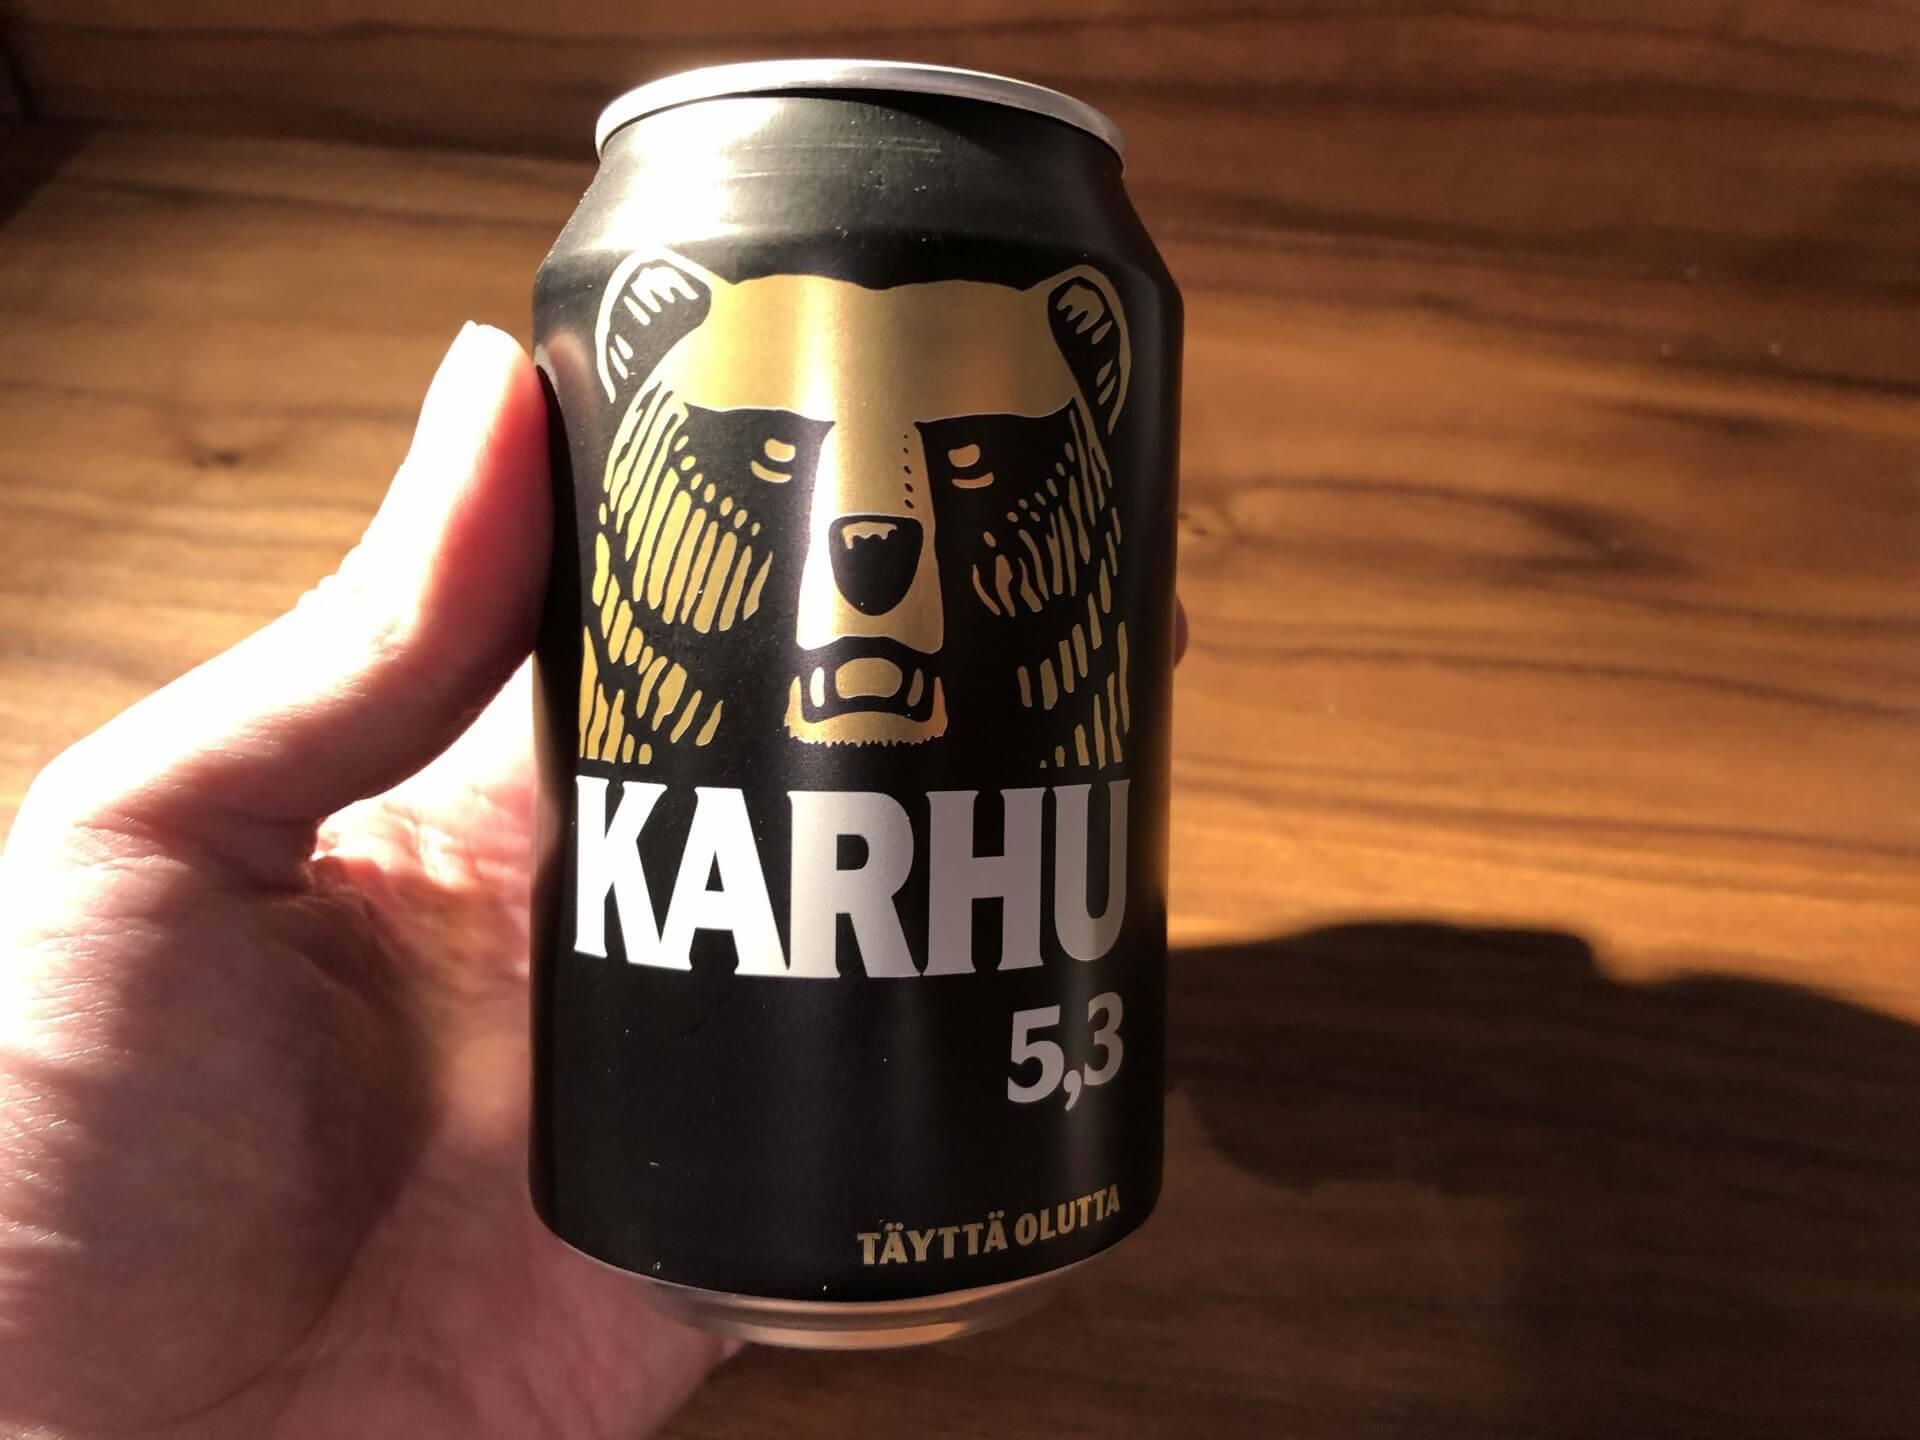 フィンランドで購入したカルフビール